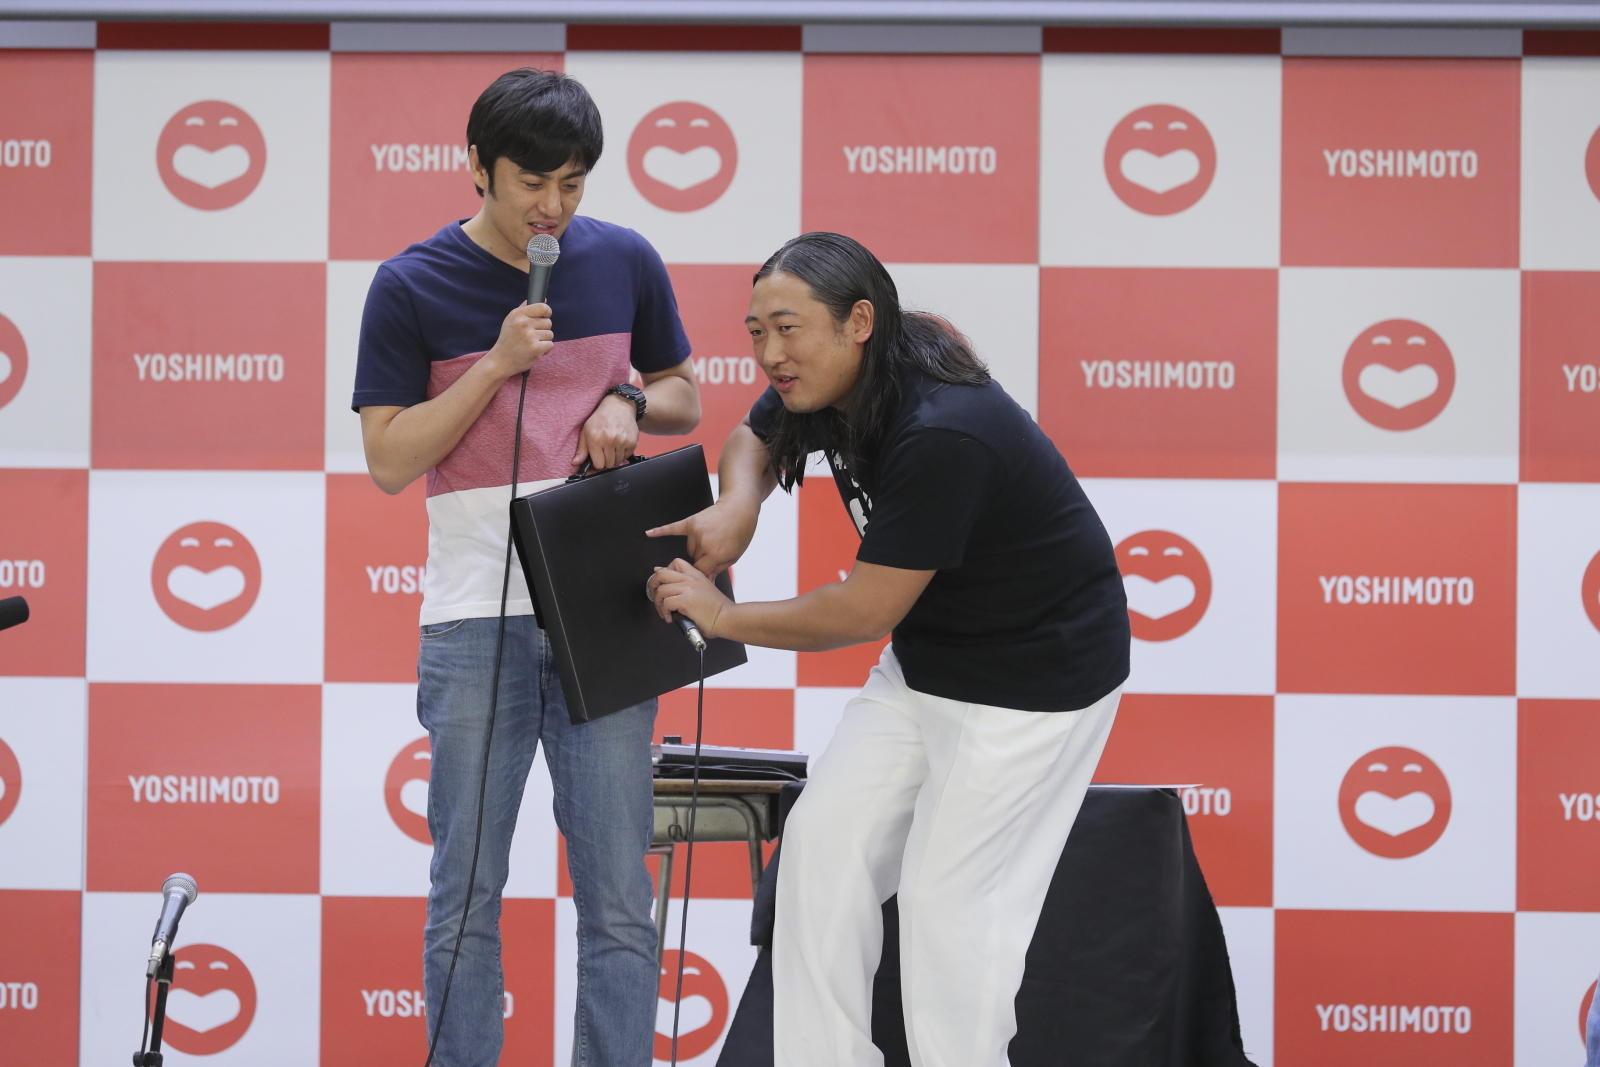 http://news.yoshimoto.co.jp/20170730173926-6ff83a3b3d68f39b9b2a3b68247541b005a31b08.jpg